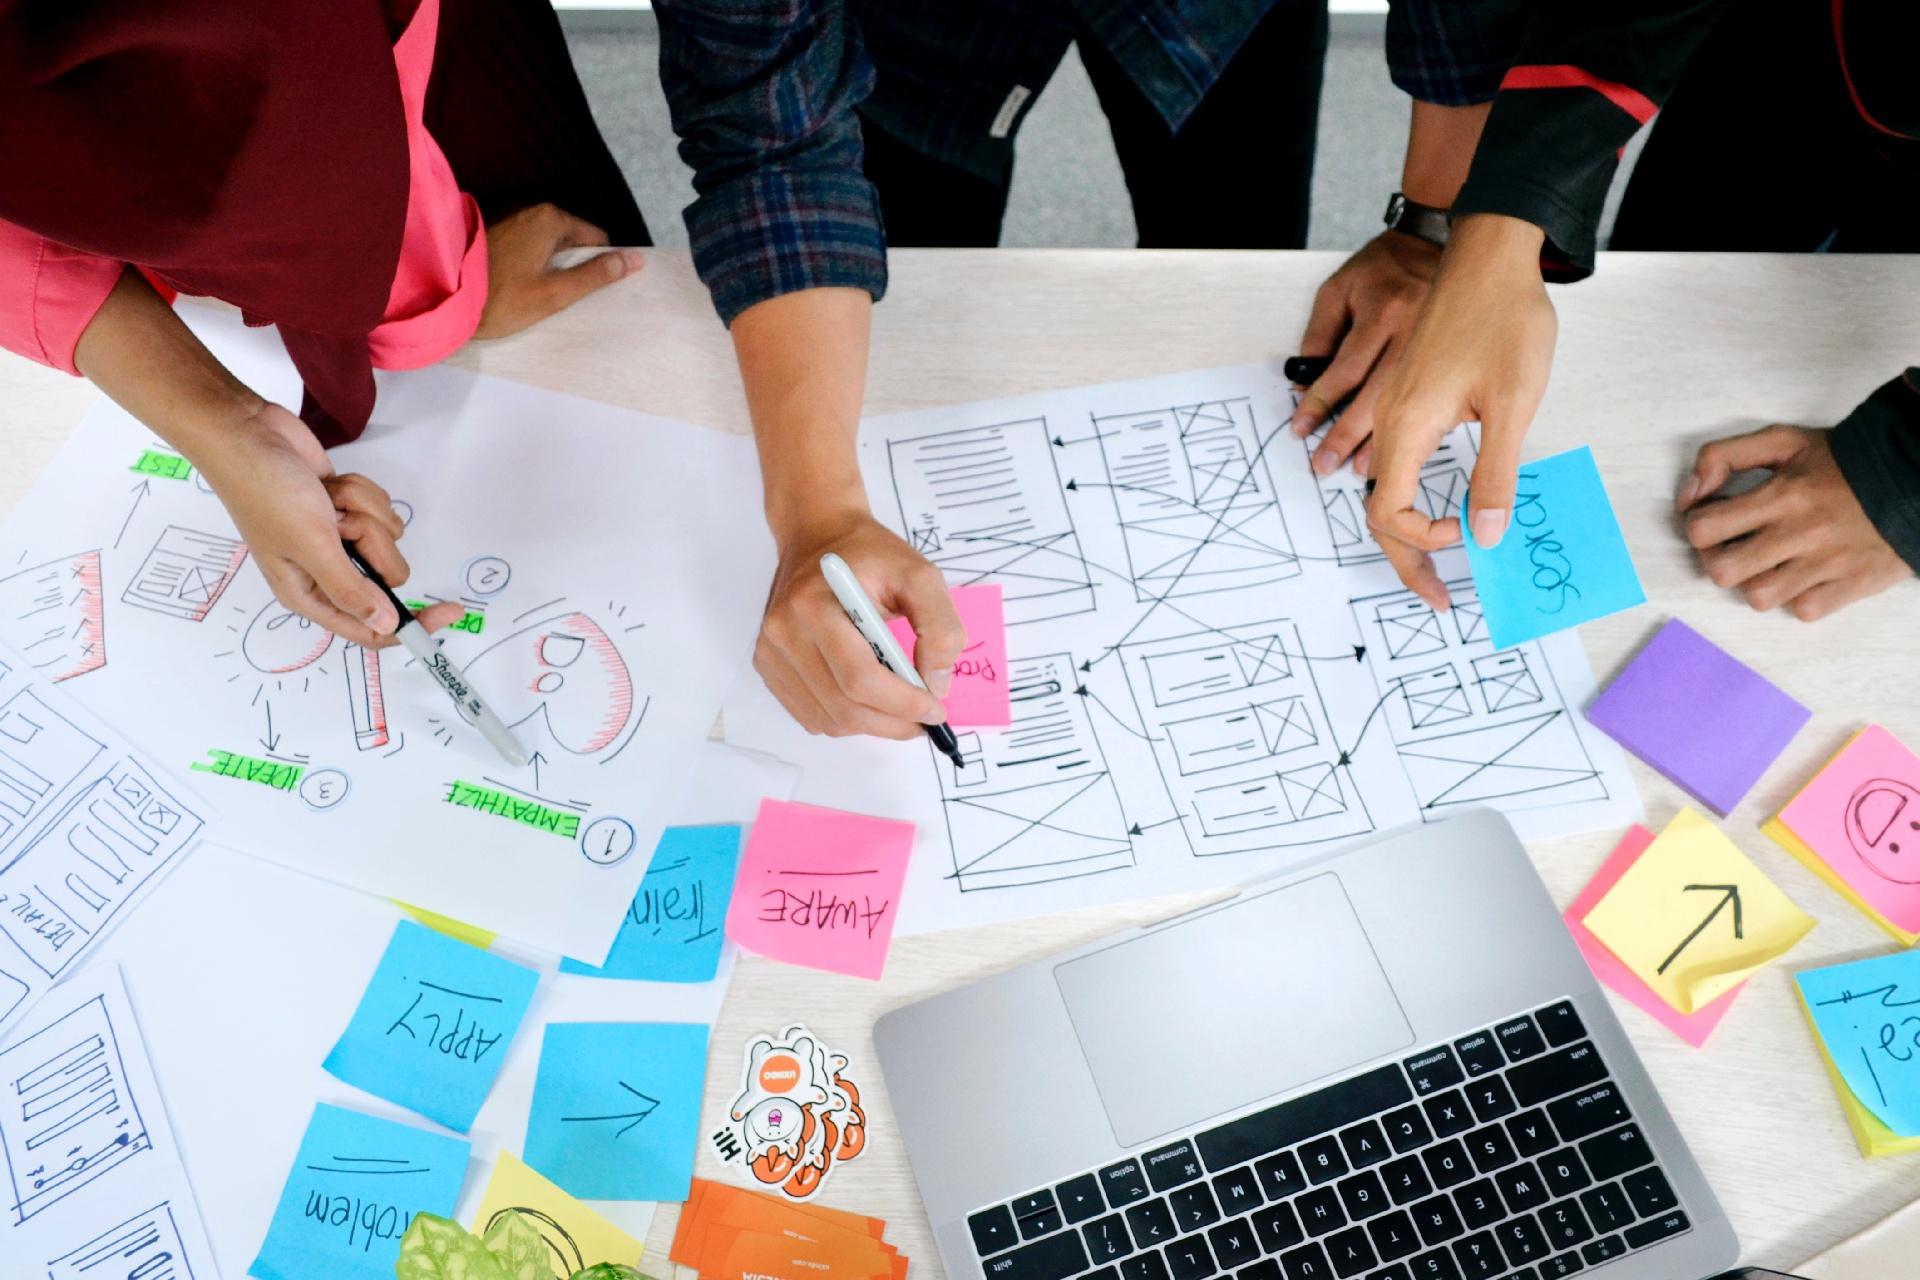 Zendesk-Studie zeigt: ausgereifte Customer Experience führt zu mehr Stabilität, Umsatzwachstum und Mitarbeiterbindung_cmm360_Photo by UX Indonesia on Unsplash